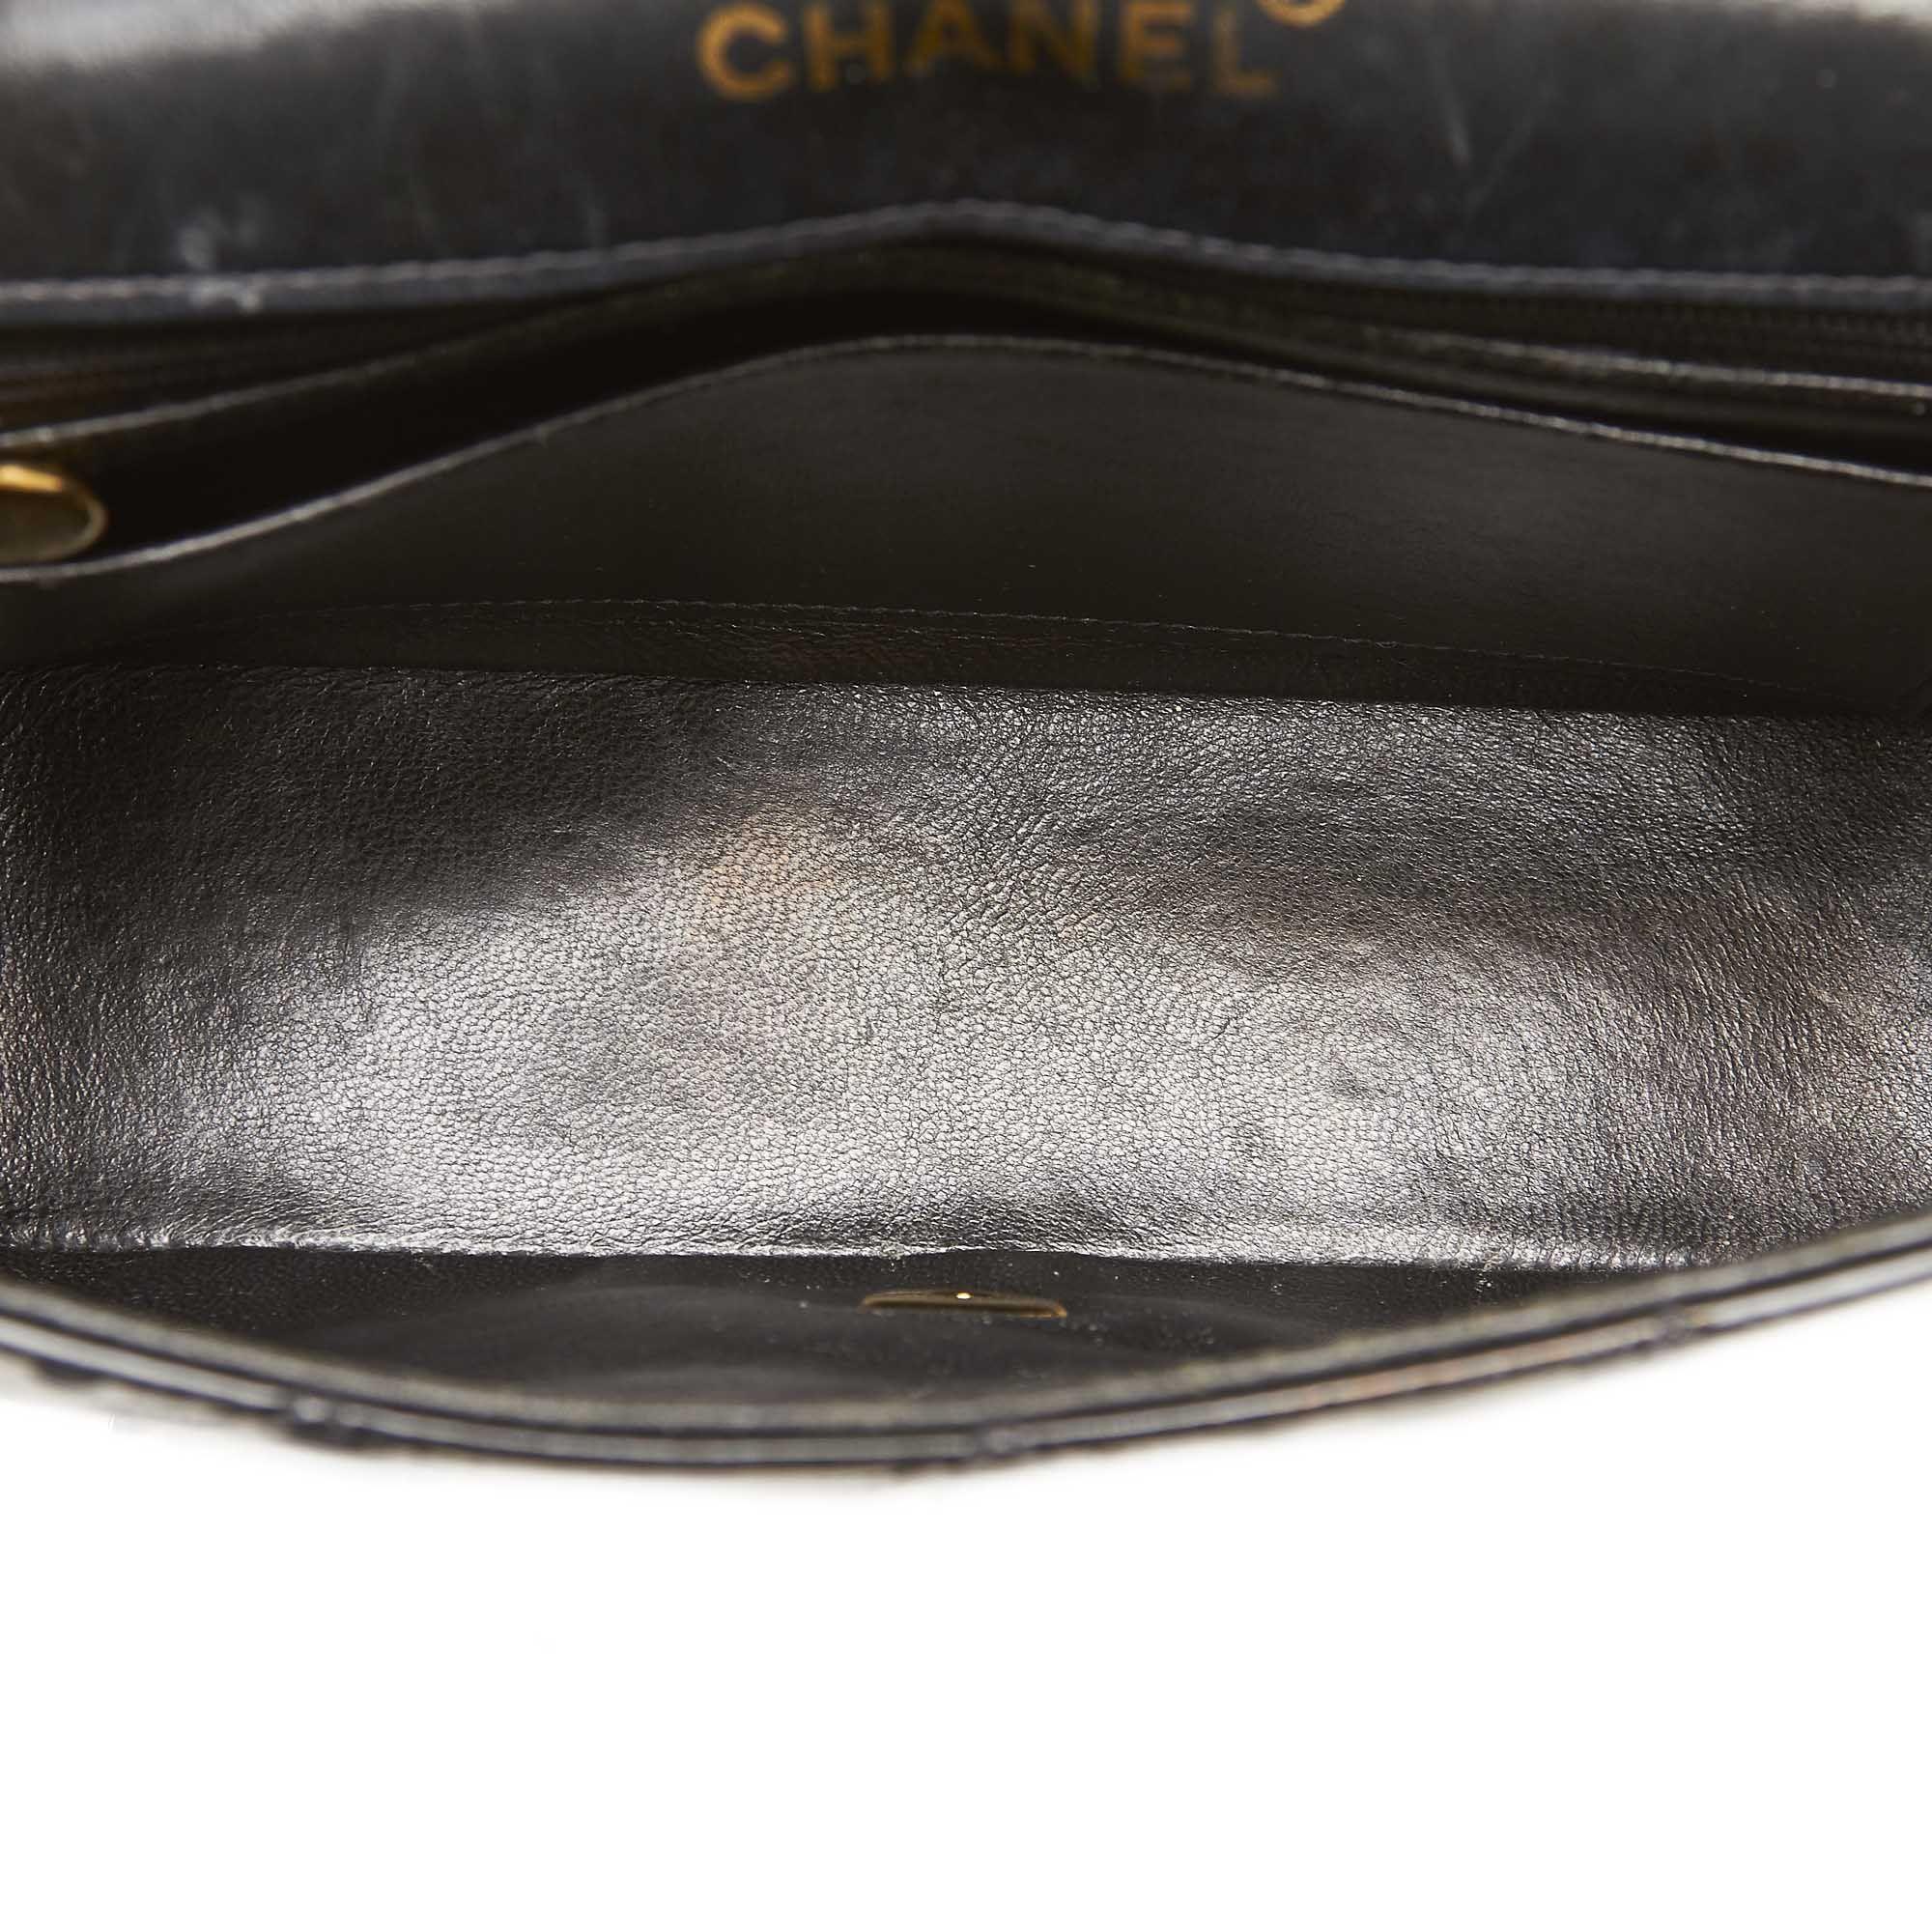 Vintage Chanel Patent Leather Diana Flap Shoulder Bag Black